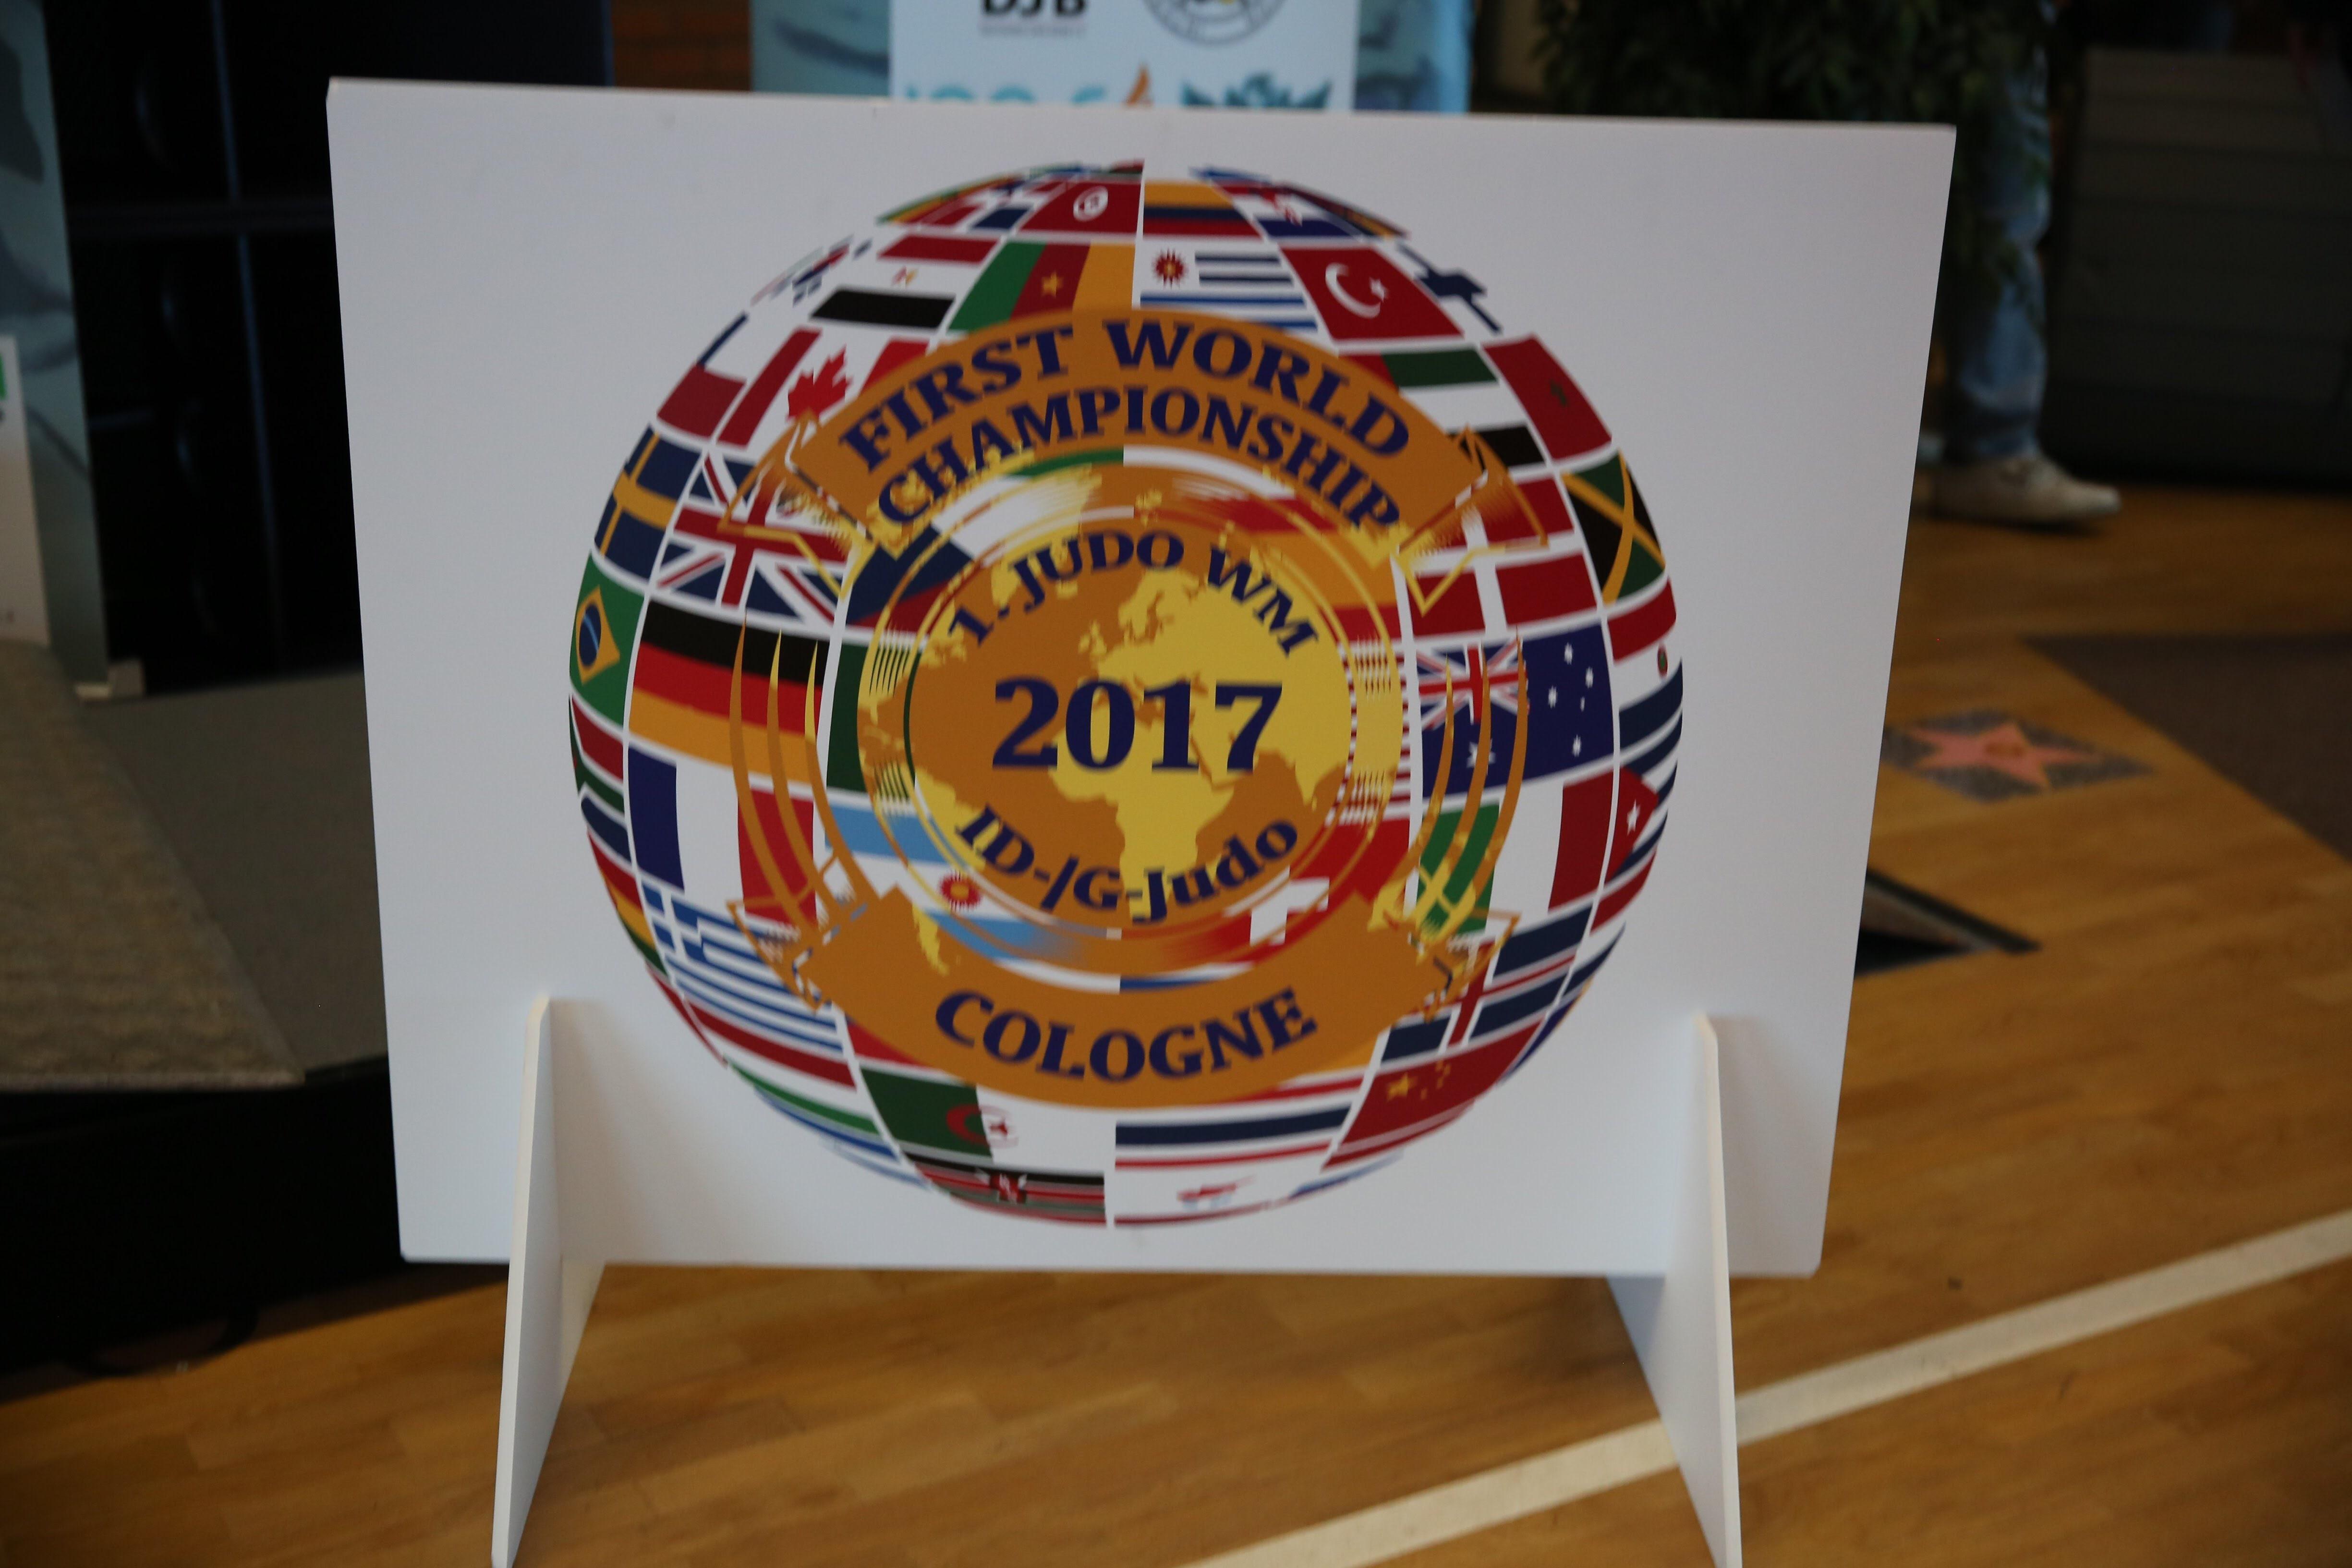 Die besten Foto Shoots von der 1. offiziellen Judo Weltmeisterschaft  Id-/G-Judo 19.-22.10.2017 in Köln